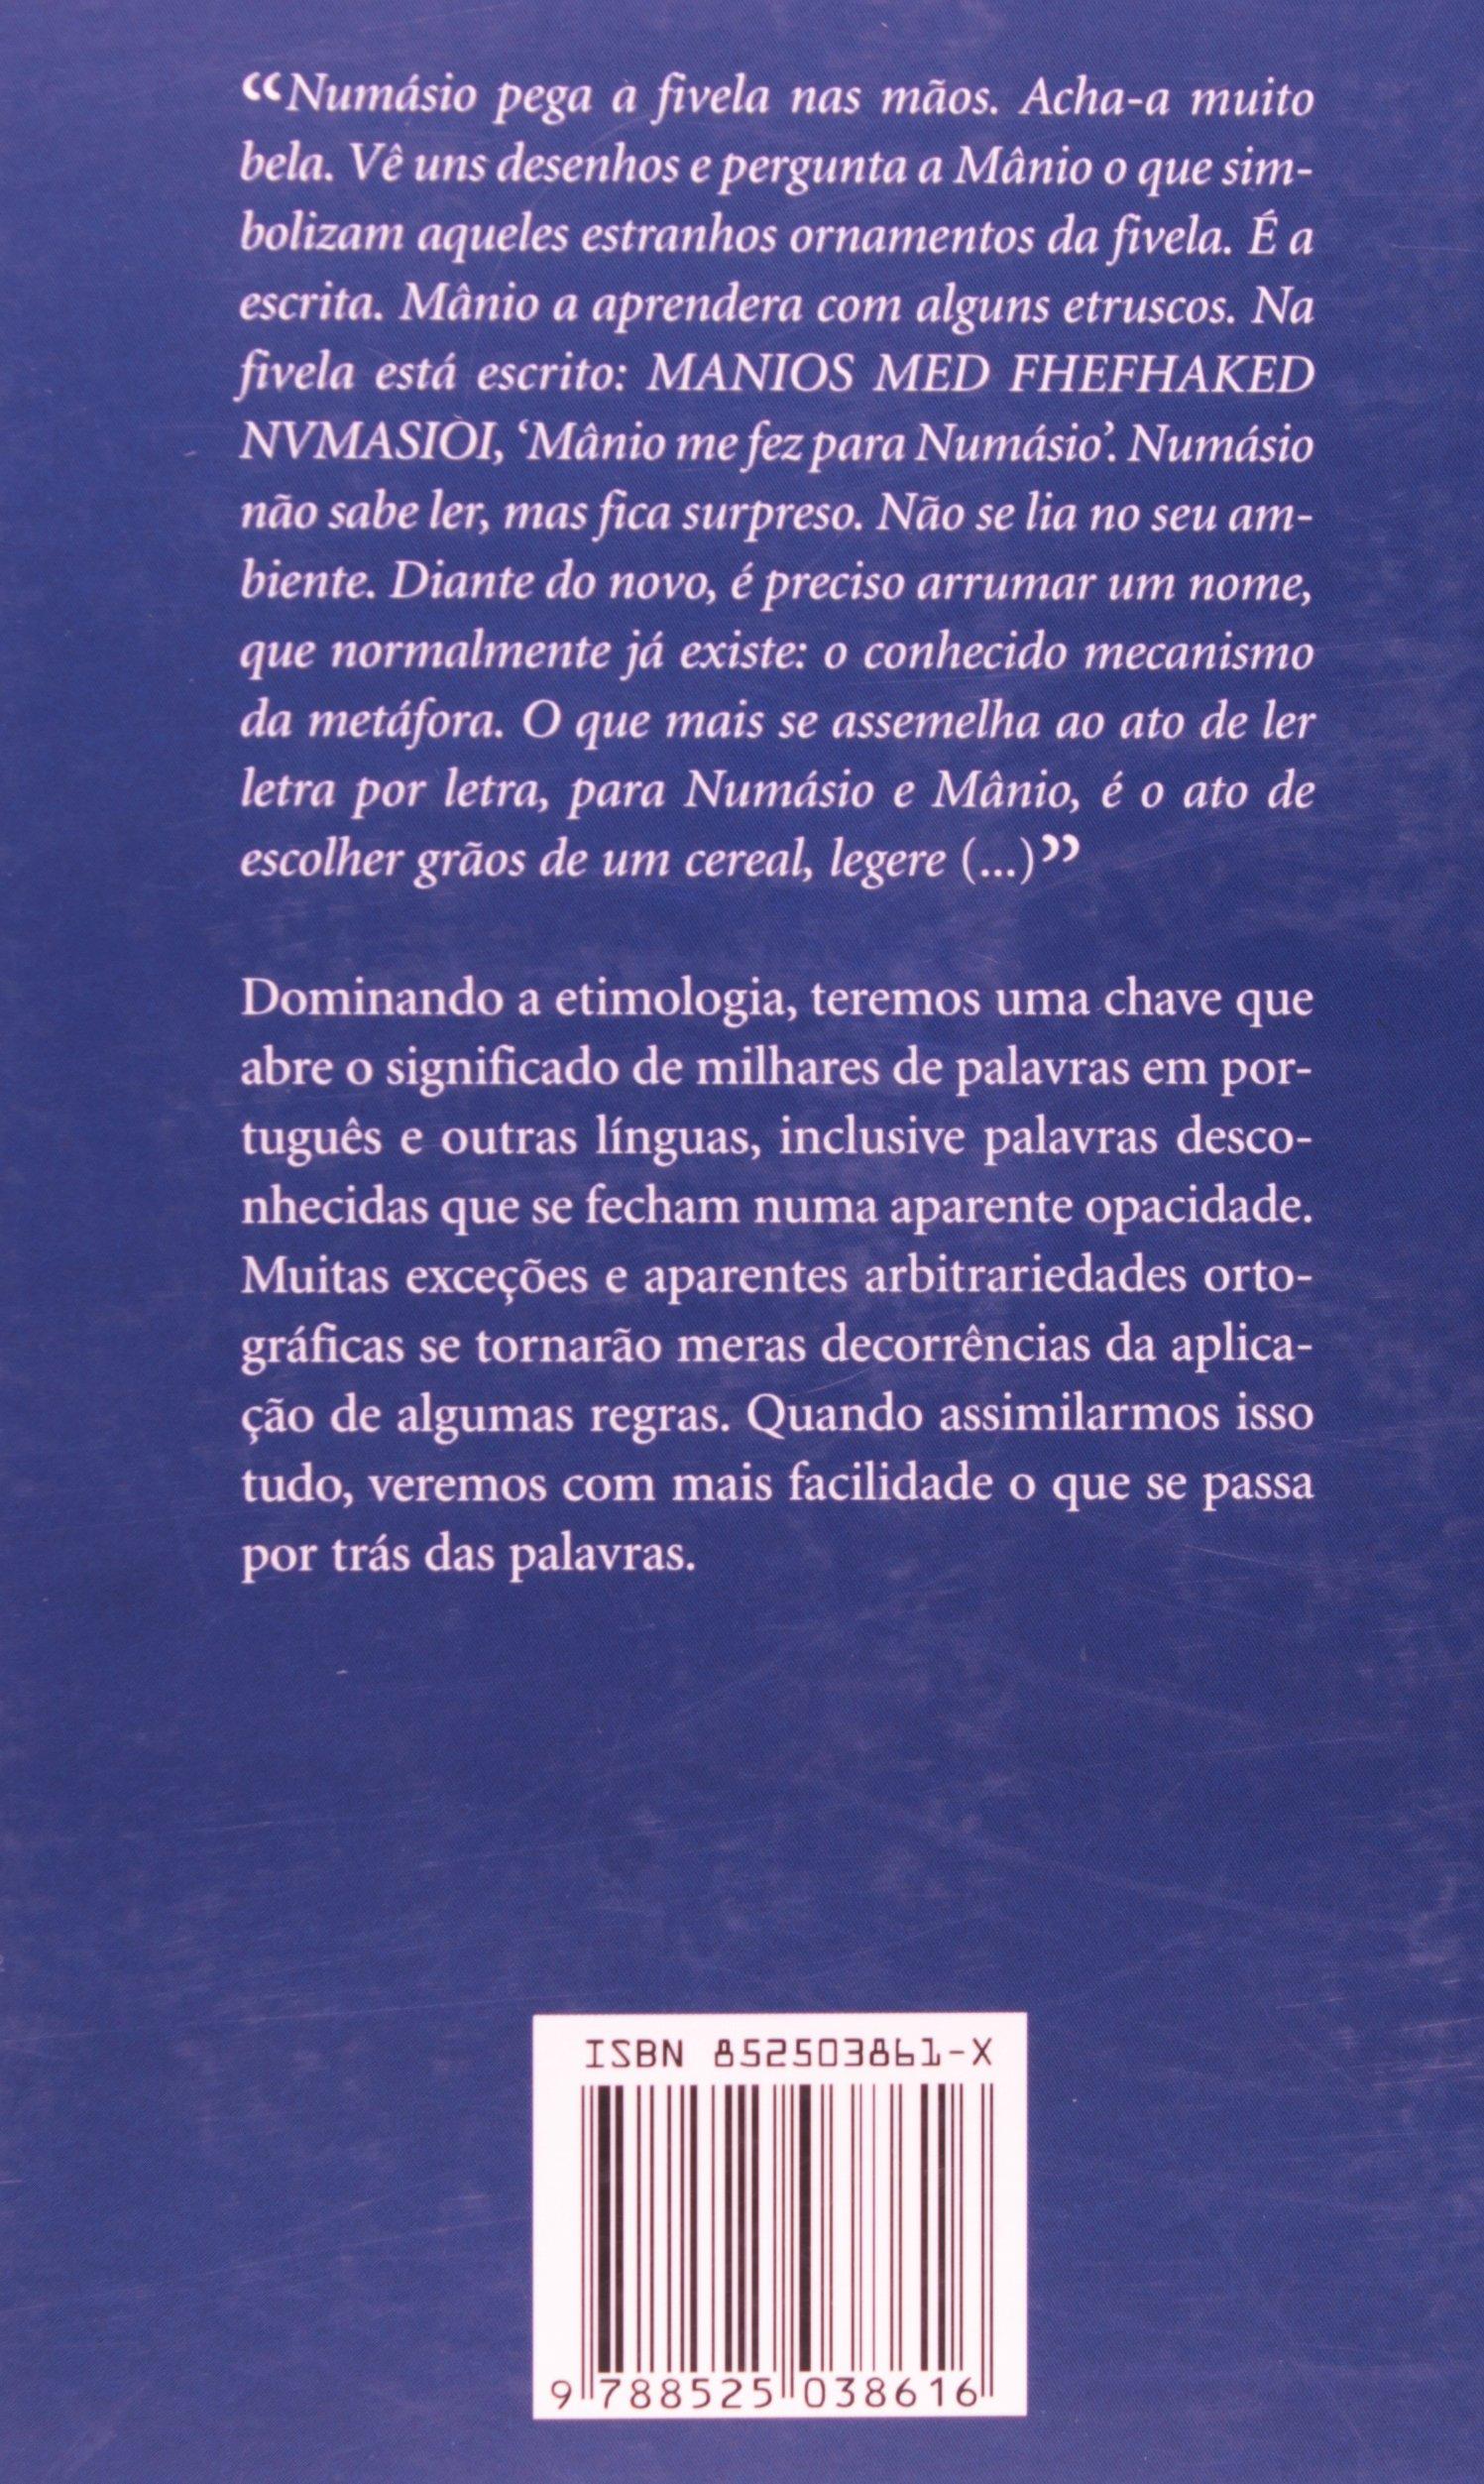 Por Trás das Palavras. Manual de Etimologia do Português (Em Portuguese do  Brasil): 9788525038616: Amazon.com: Books